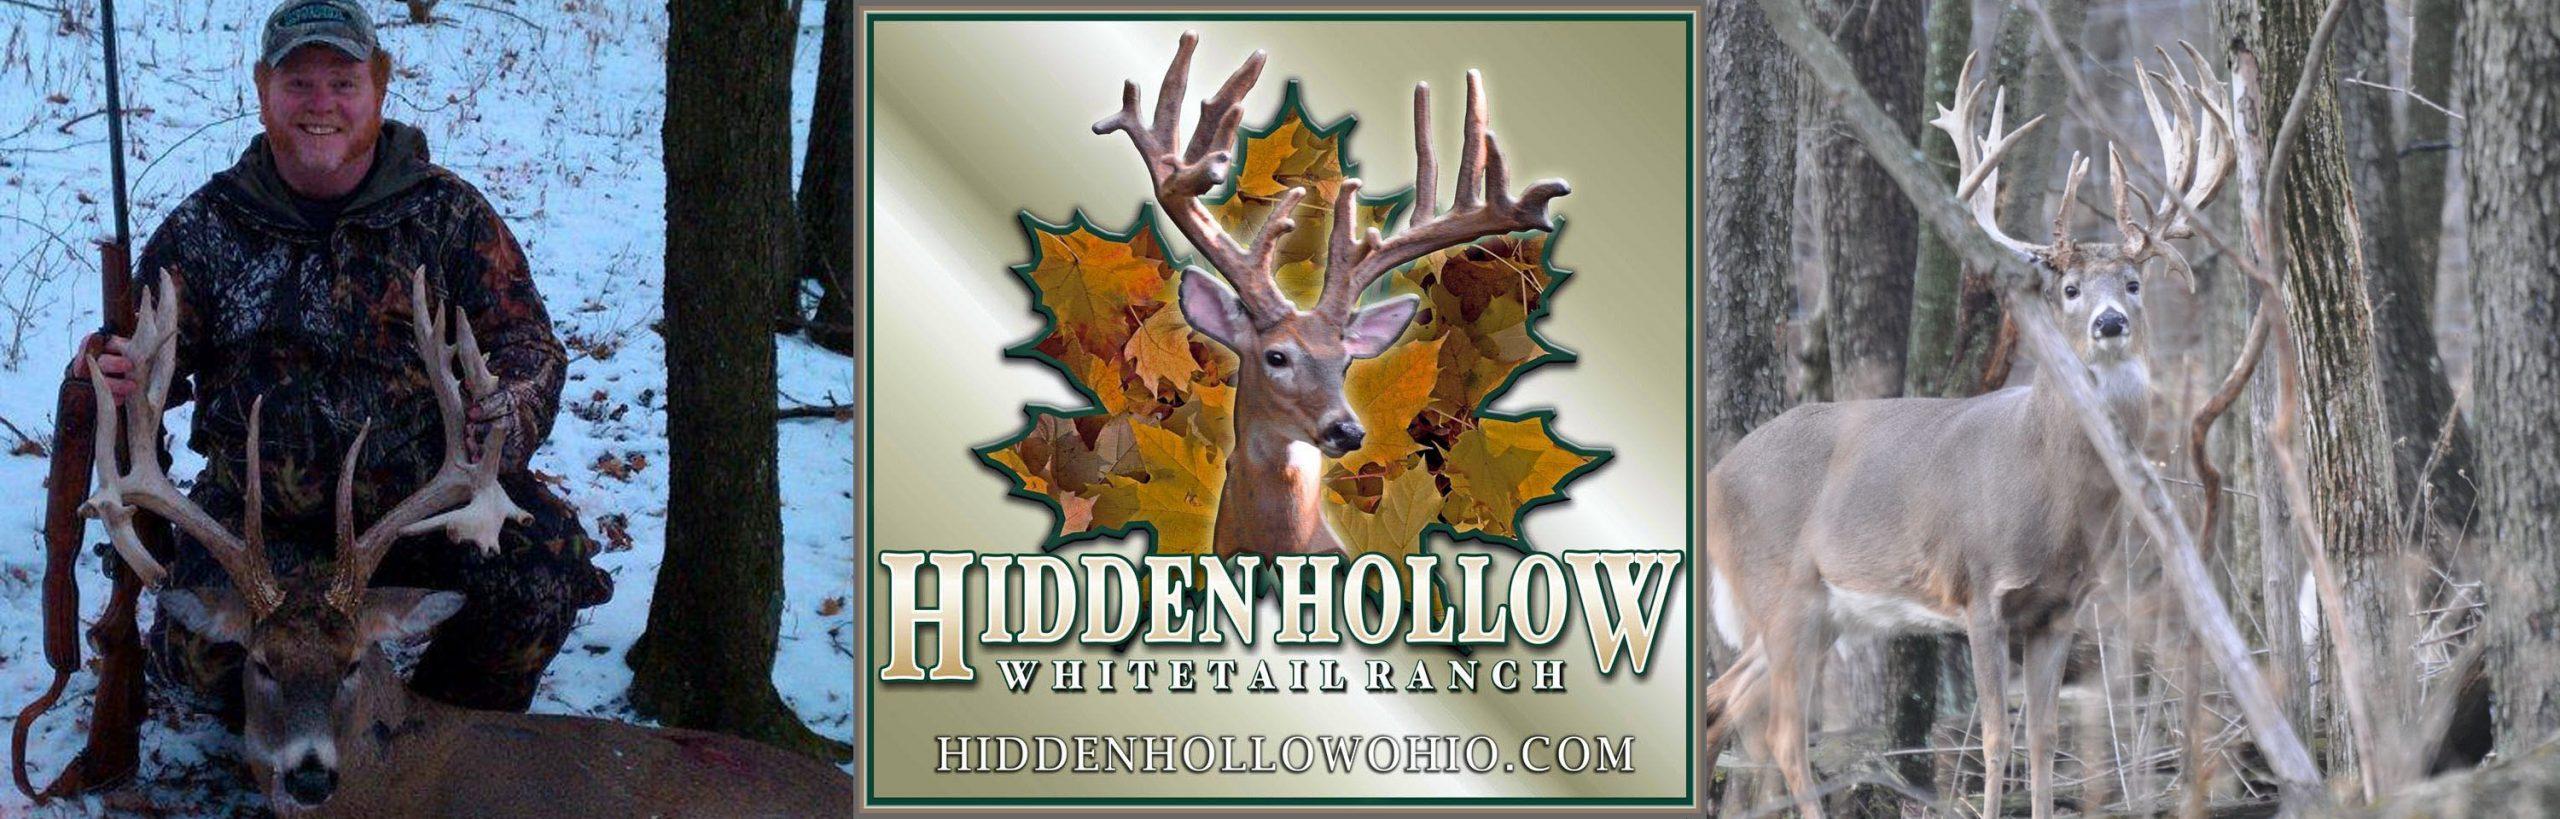 hidden hollow whitetail header